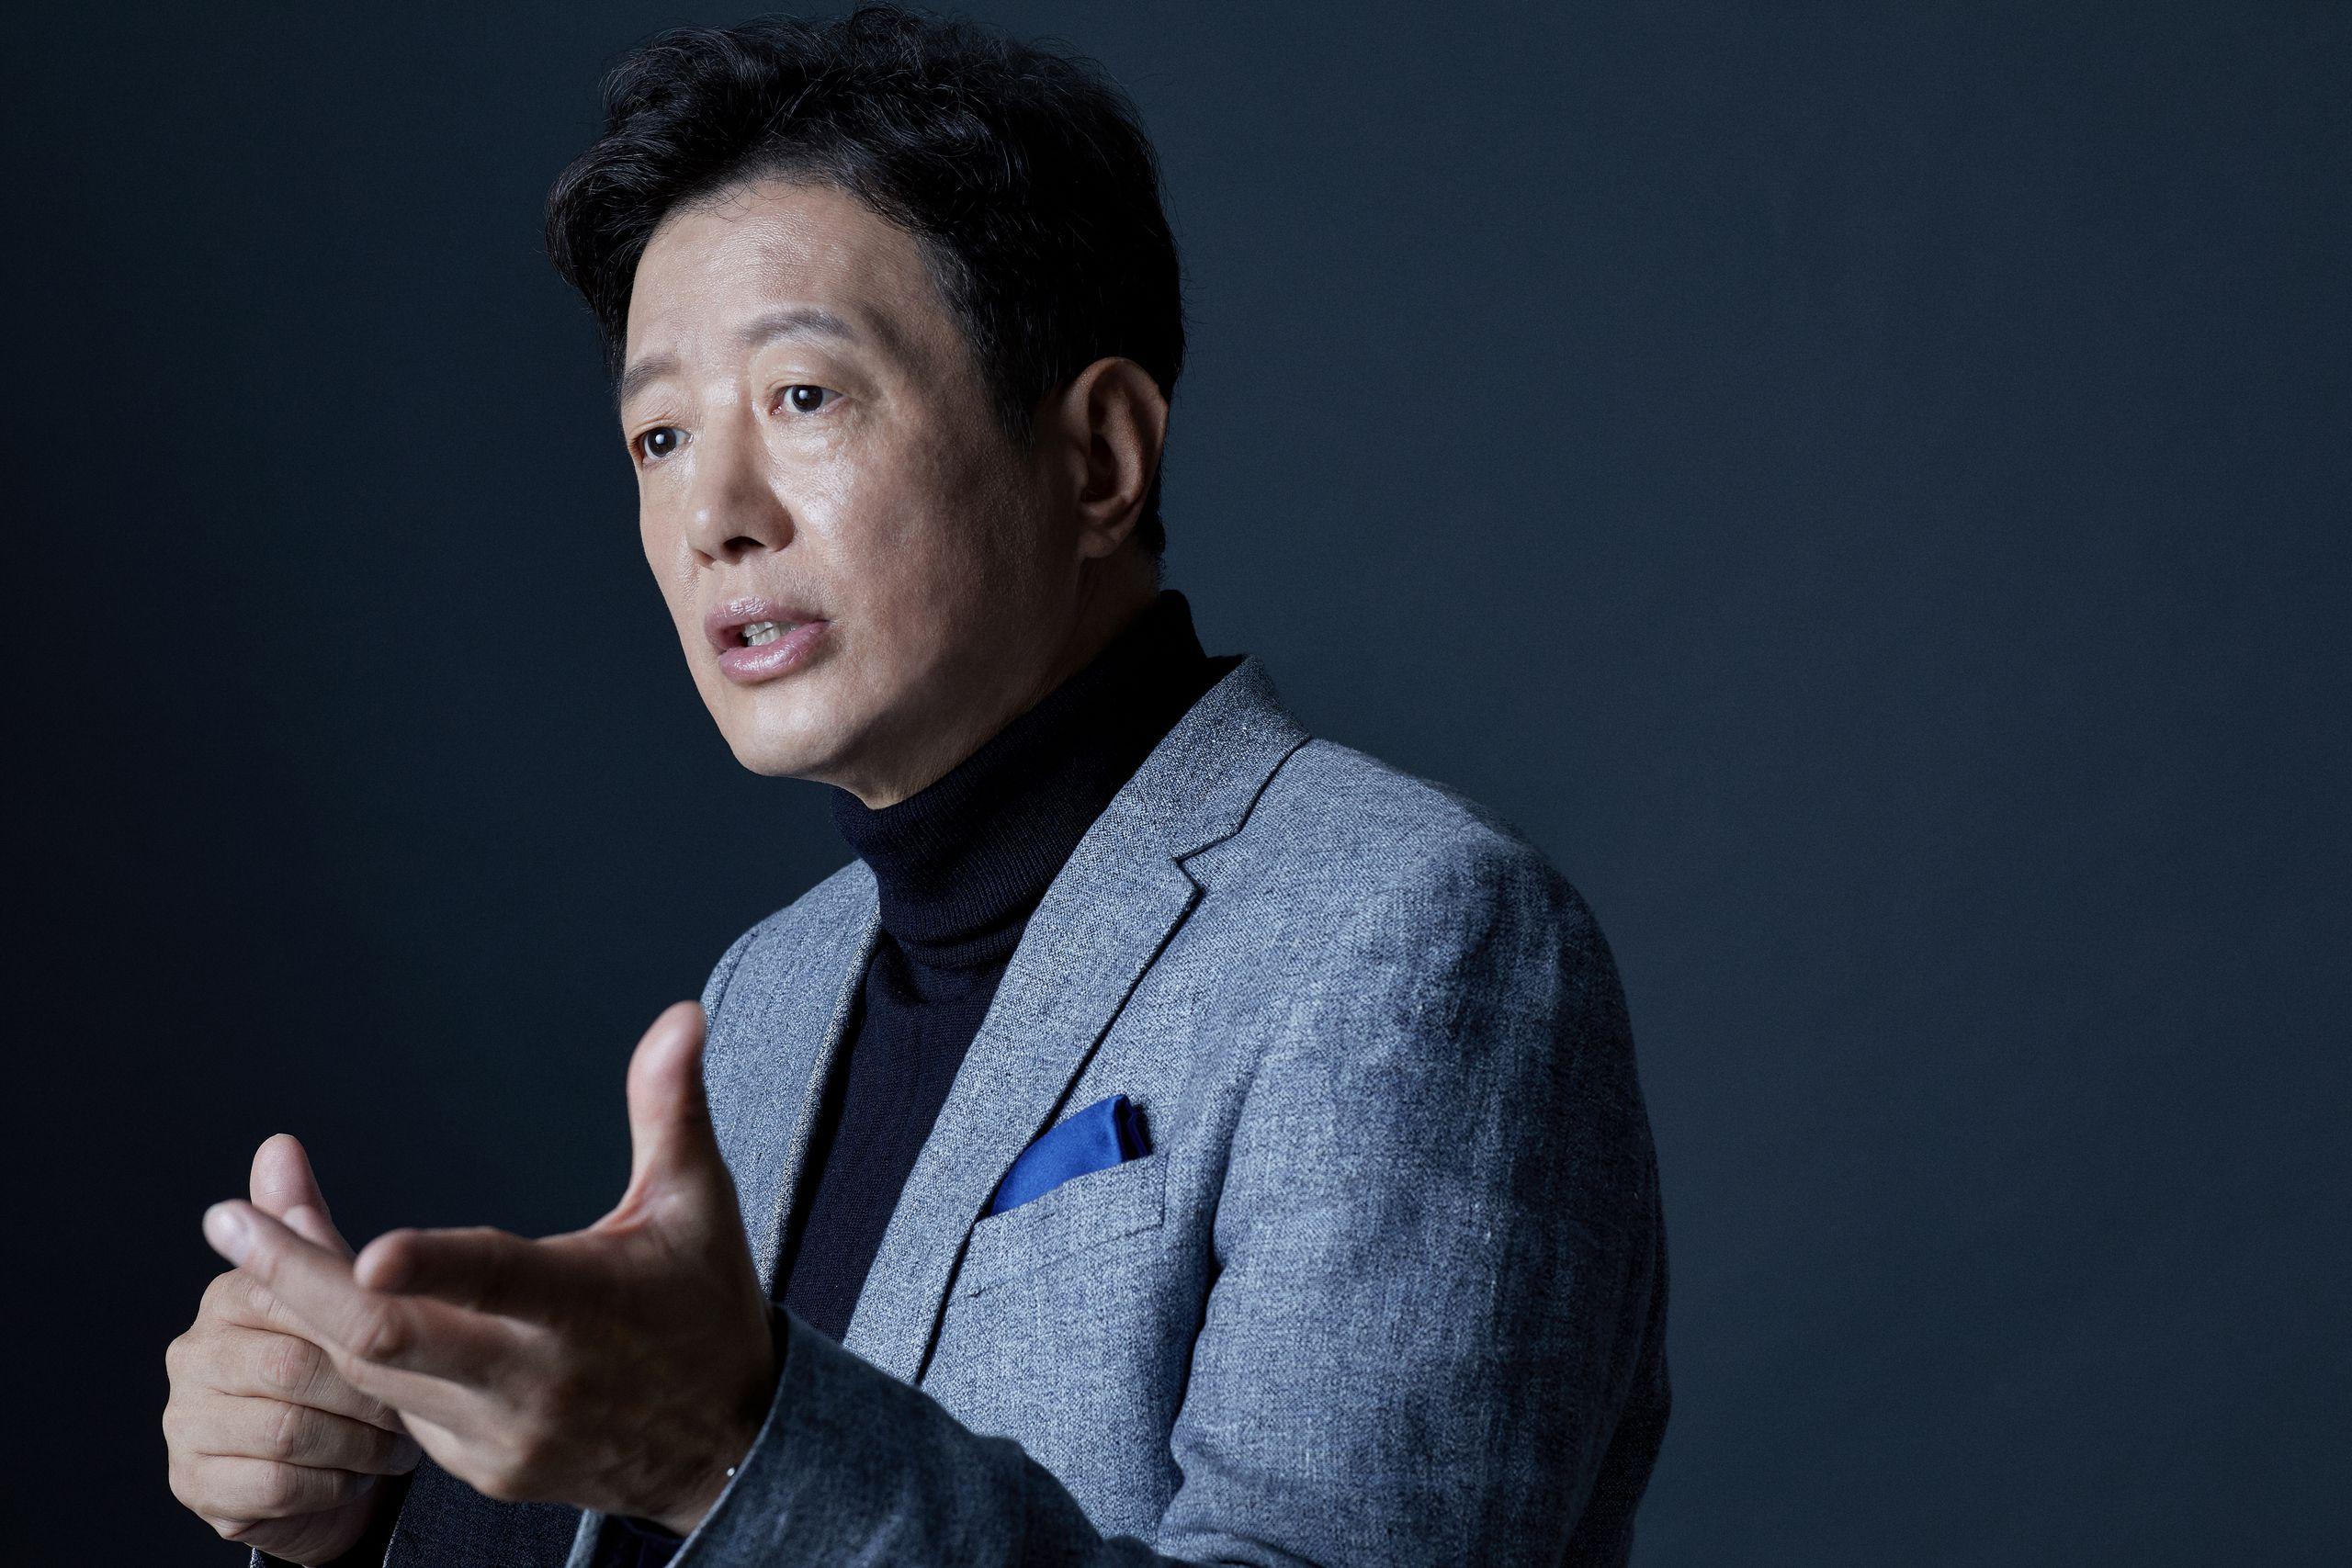 서울대학교 소비트렌드분석센터 김난도 교수